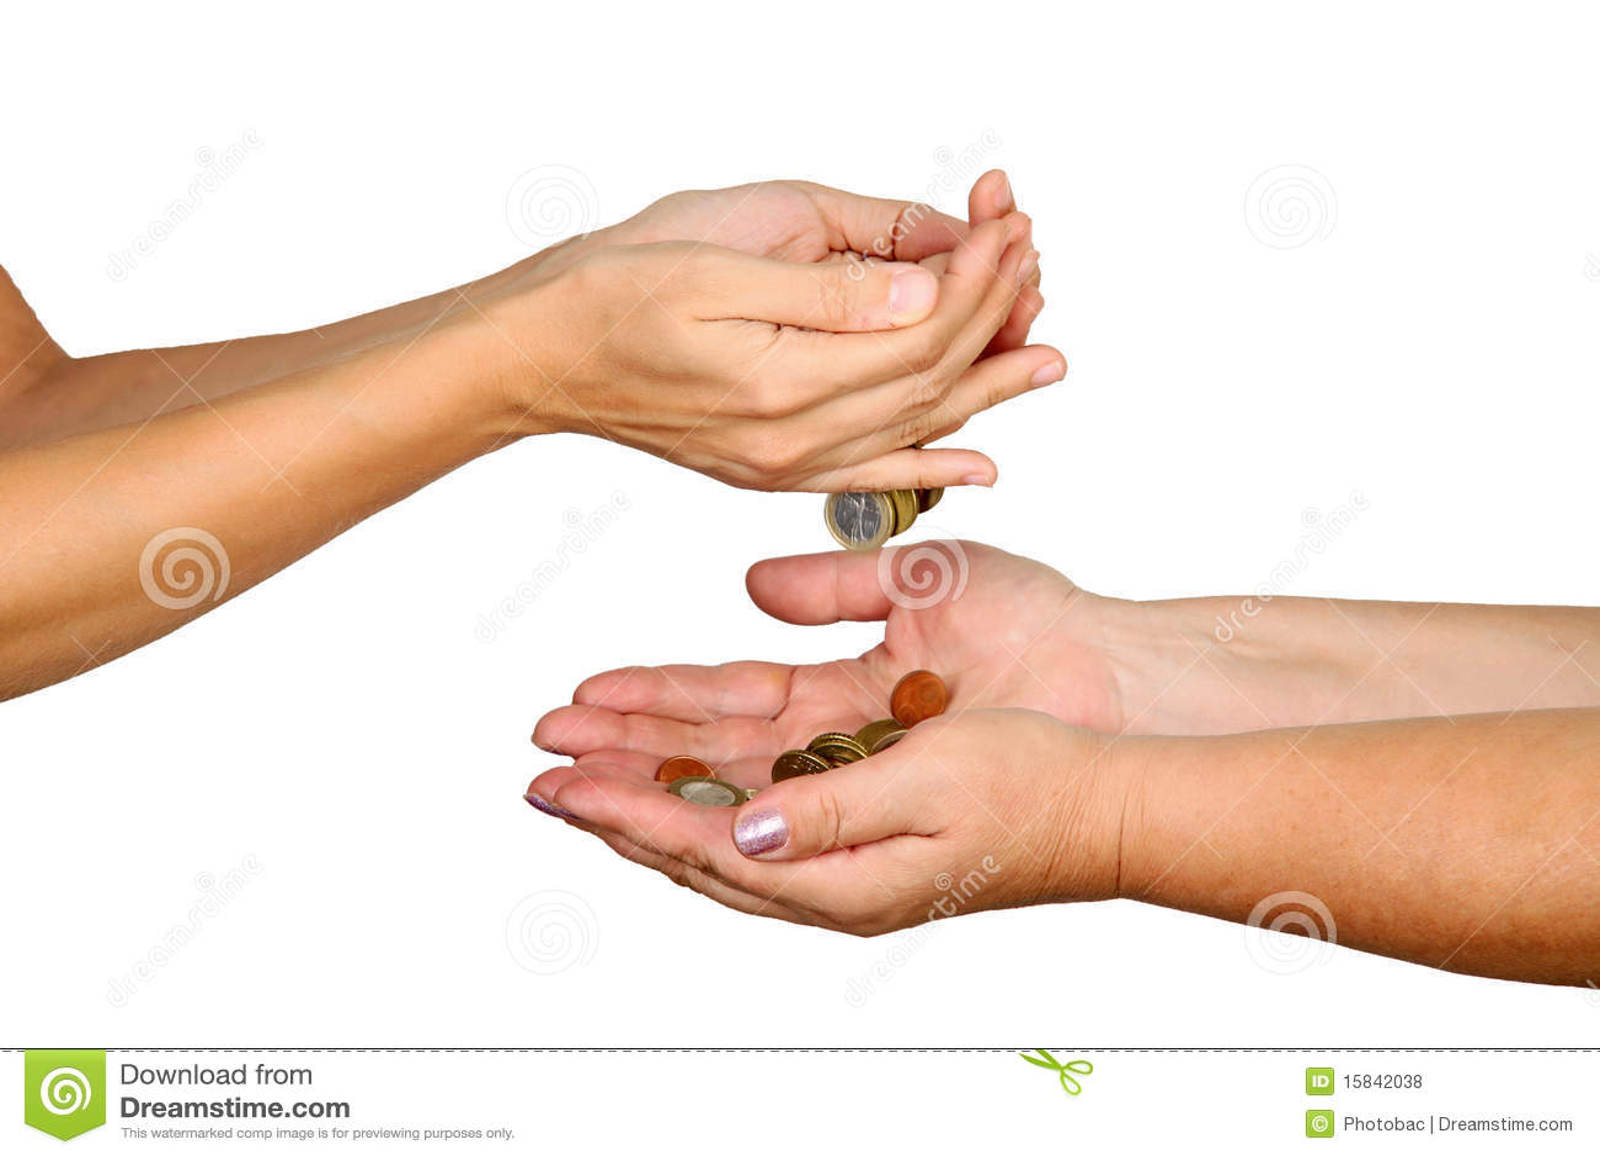 Les mains femelles pleuvoir à torrents en bas des pièces de monnaie dans une autre personne